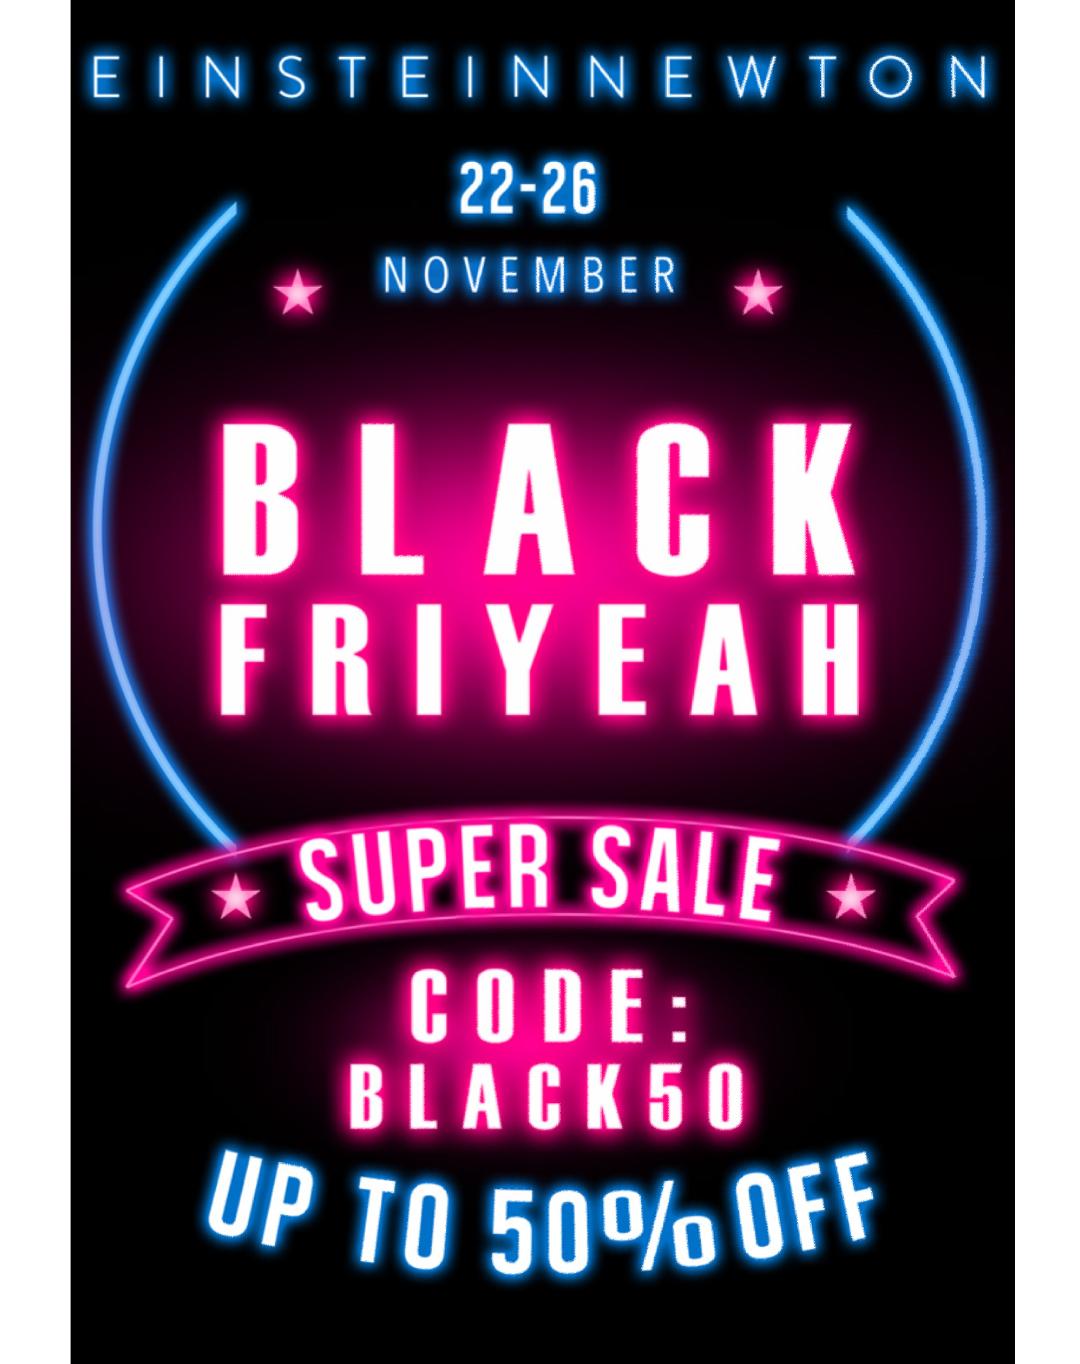 Black Friyeah bei Einstein&Newton - 50% auf alles!